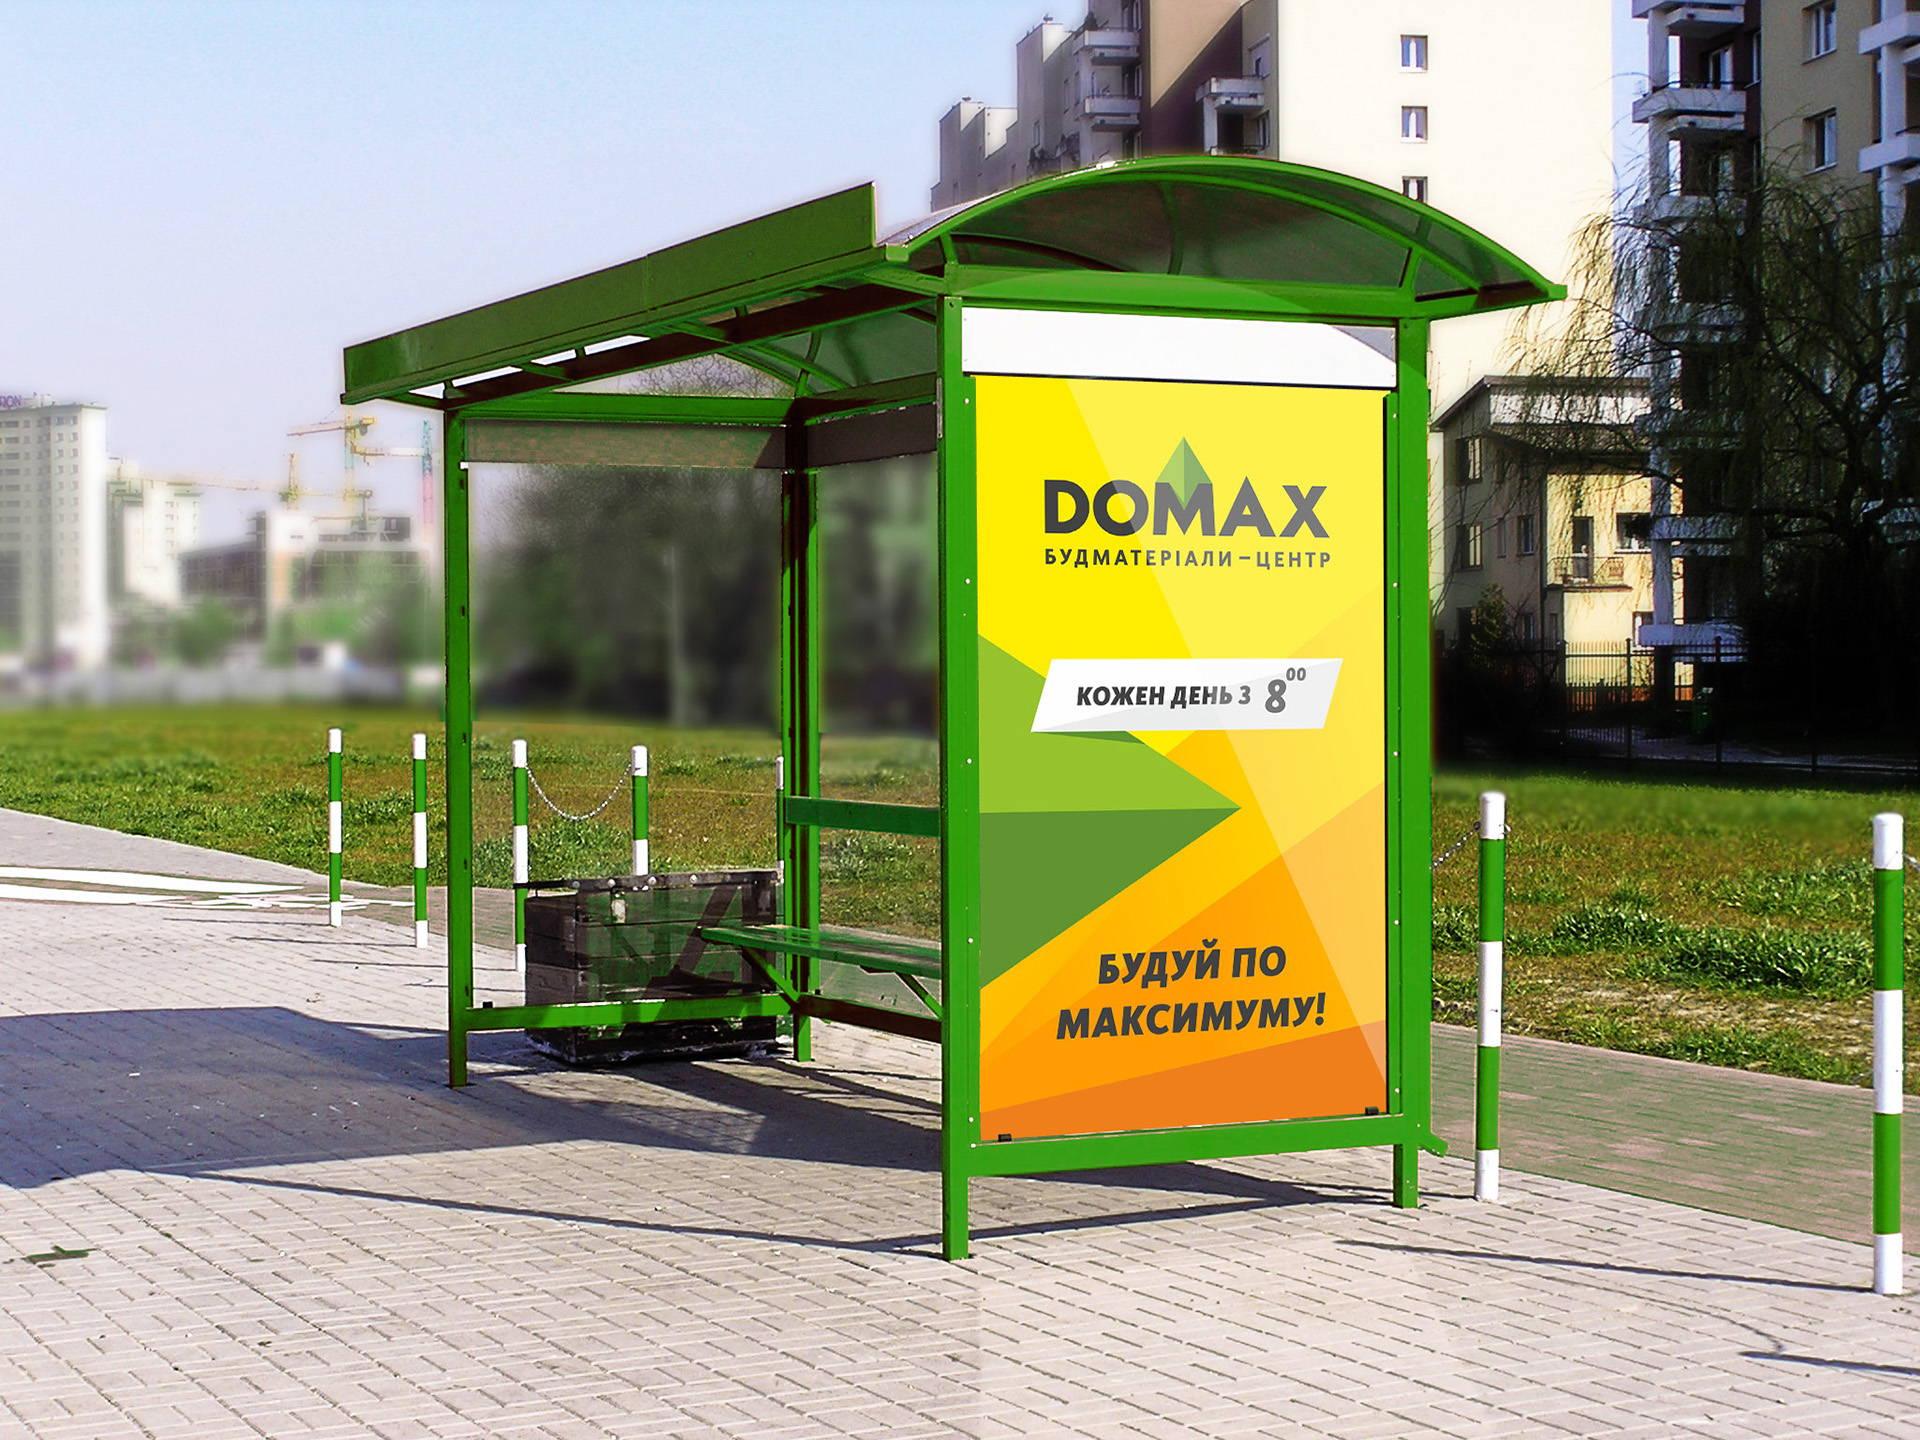 Дизайн рекламы строительного магазина, Building shop advertising design